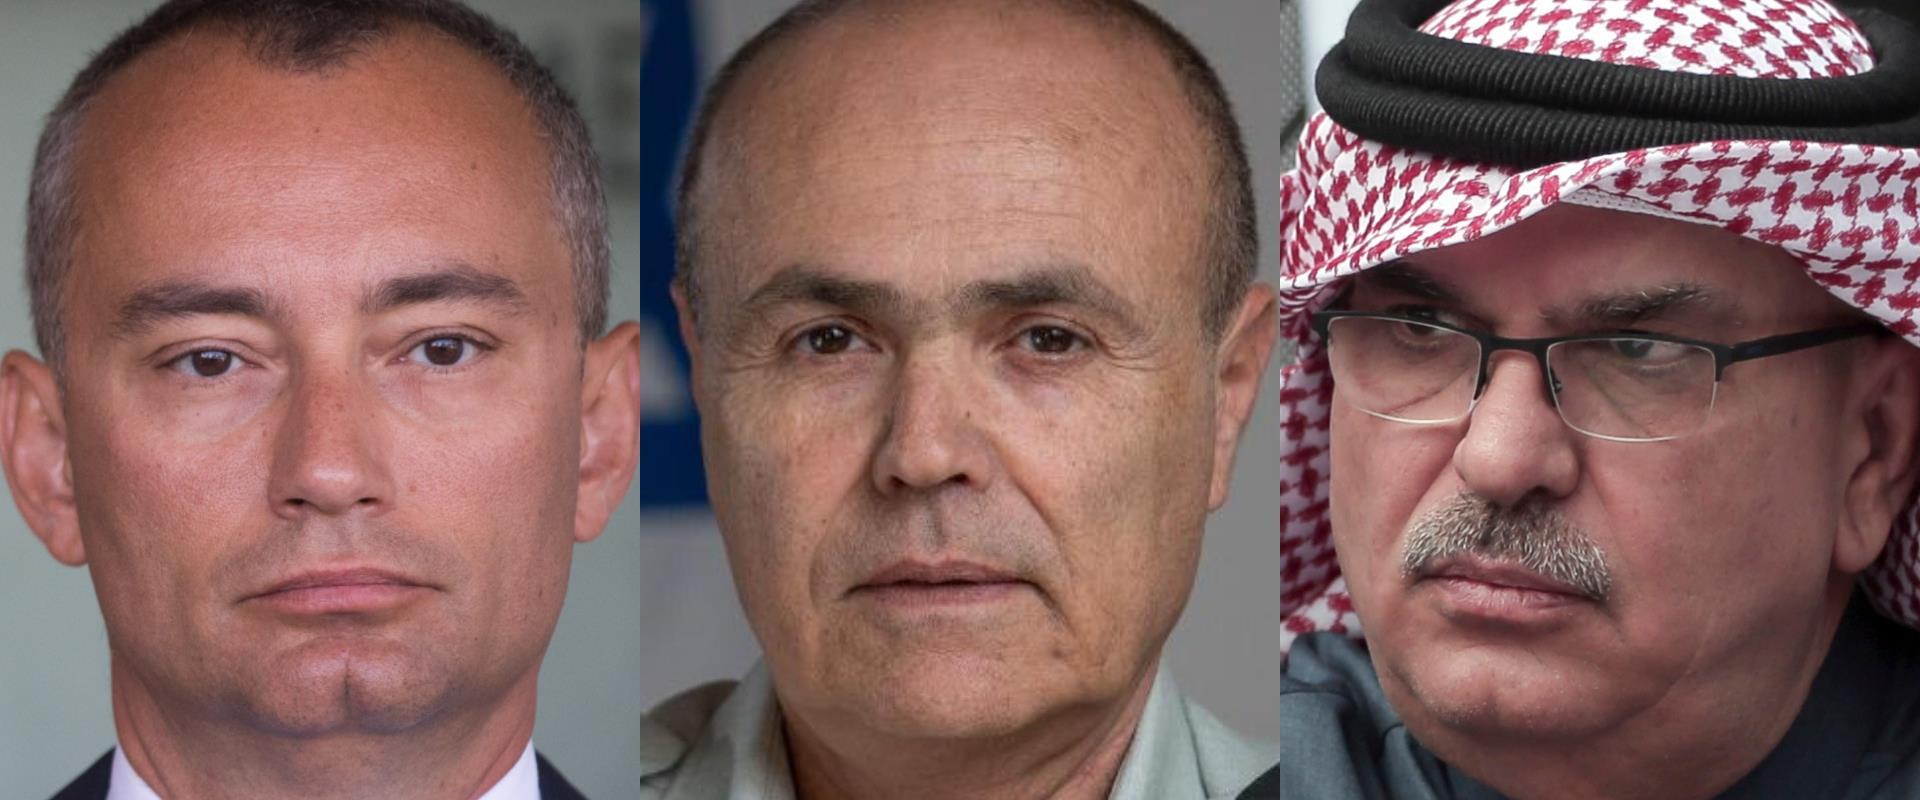 אל-עמאדי, אבו רוקון ומלאדנוב, ארכיון